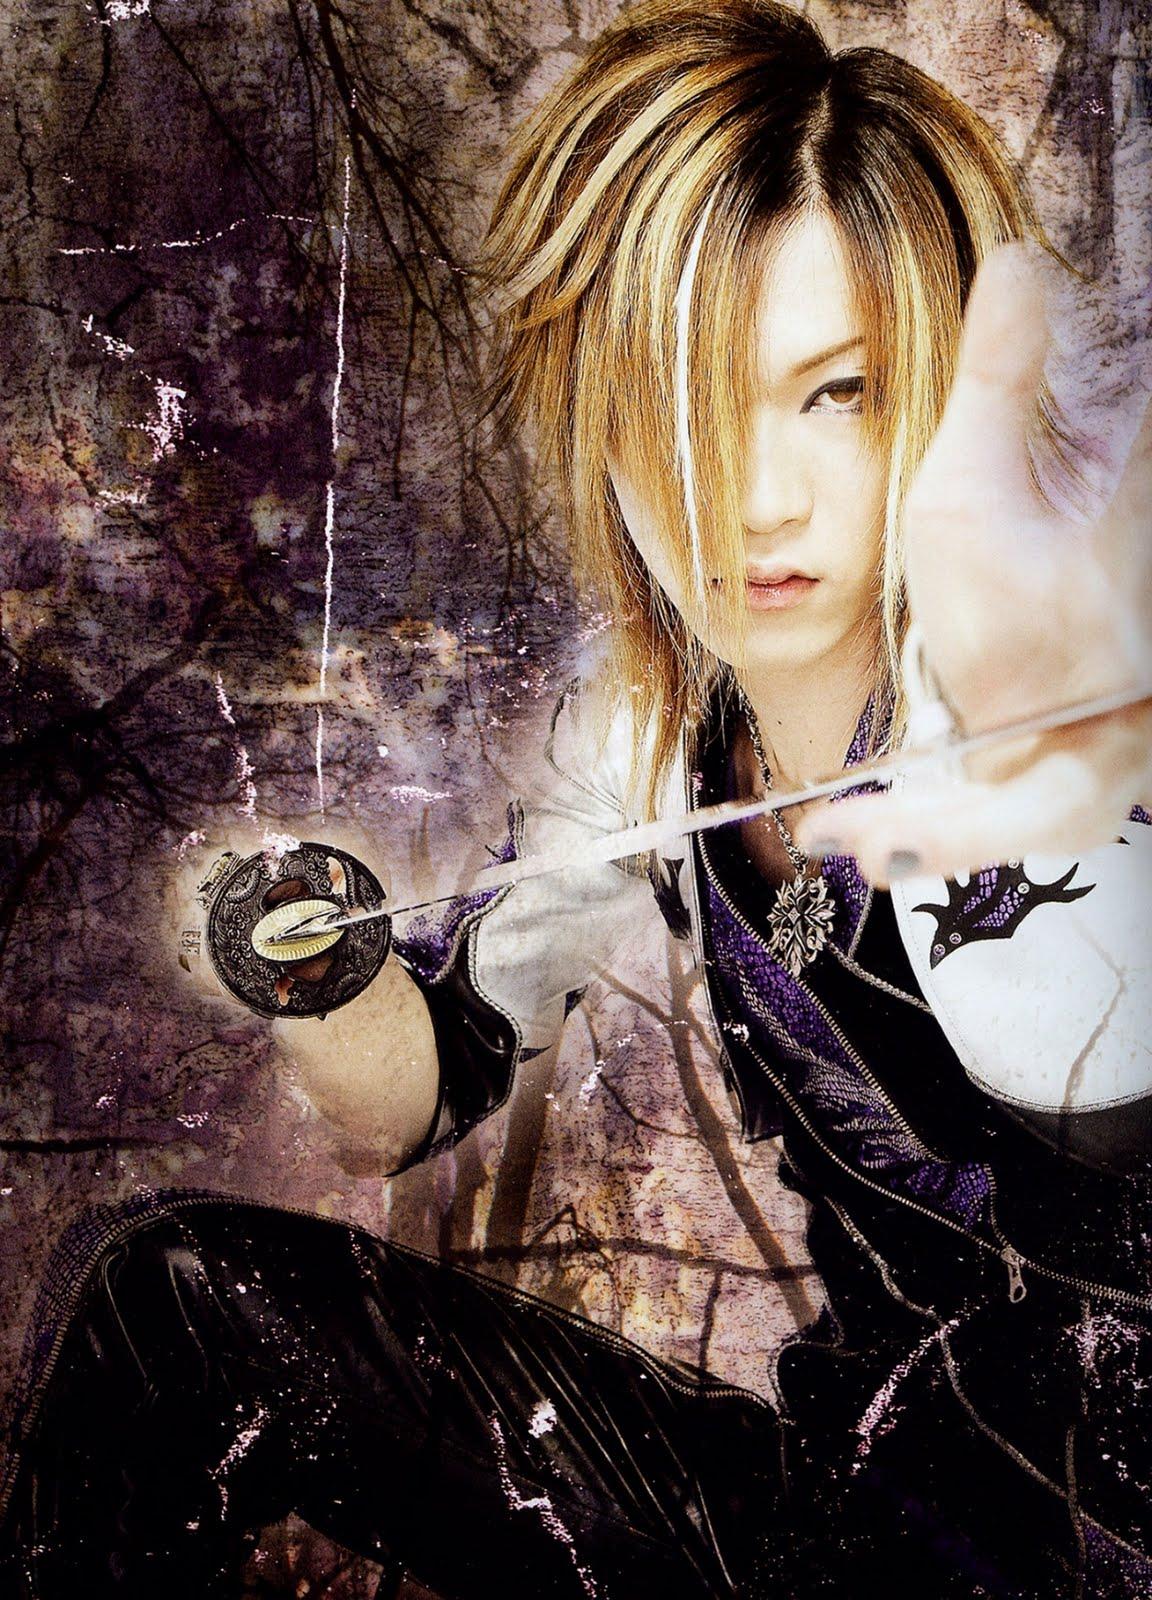 http://1.bp.blogspot.com/-QiKgFjd7dTc/Ti49NWKLFNI/AAAAAAAAAEg/tN1AwgiXogY/s1600/the_gazette_6524.jpg